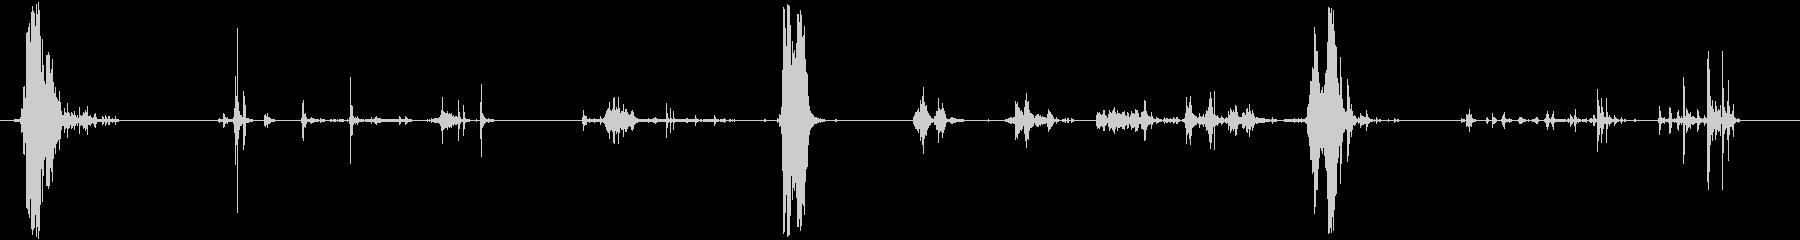 ガーニーショートムーブメントラトル...の未再生の波形